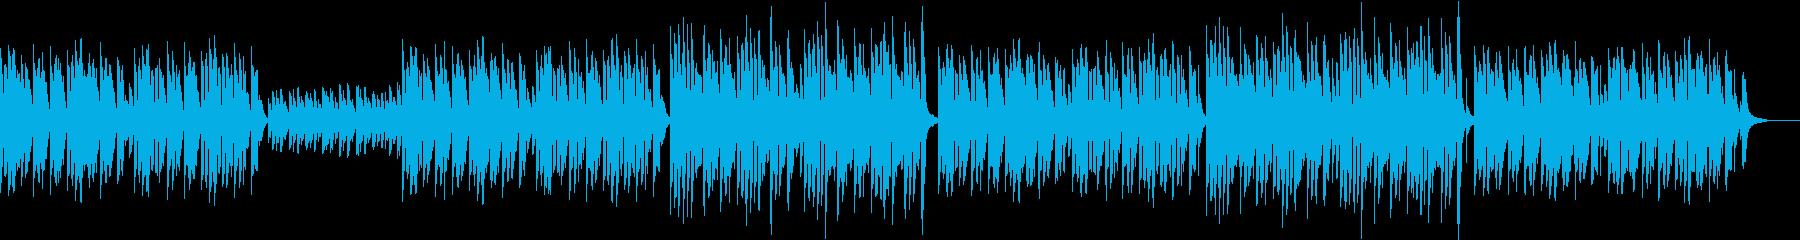 bpm112 キッズTikTok可愛い笛の再生済みの波形